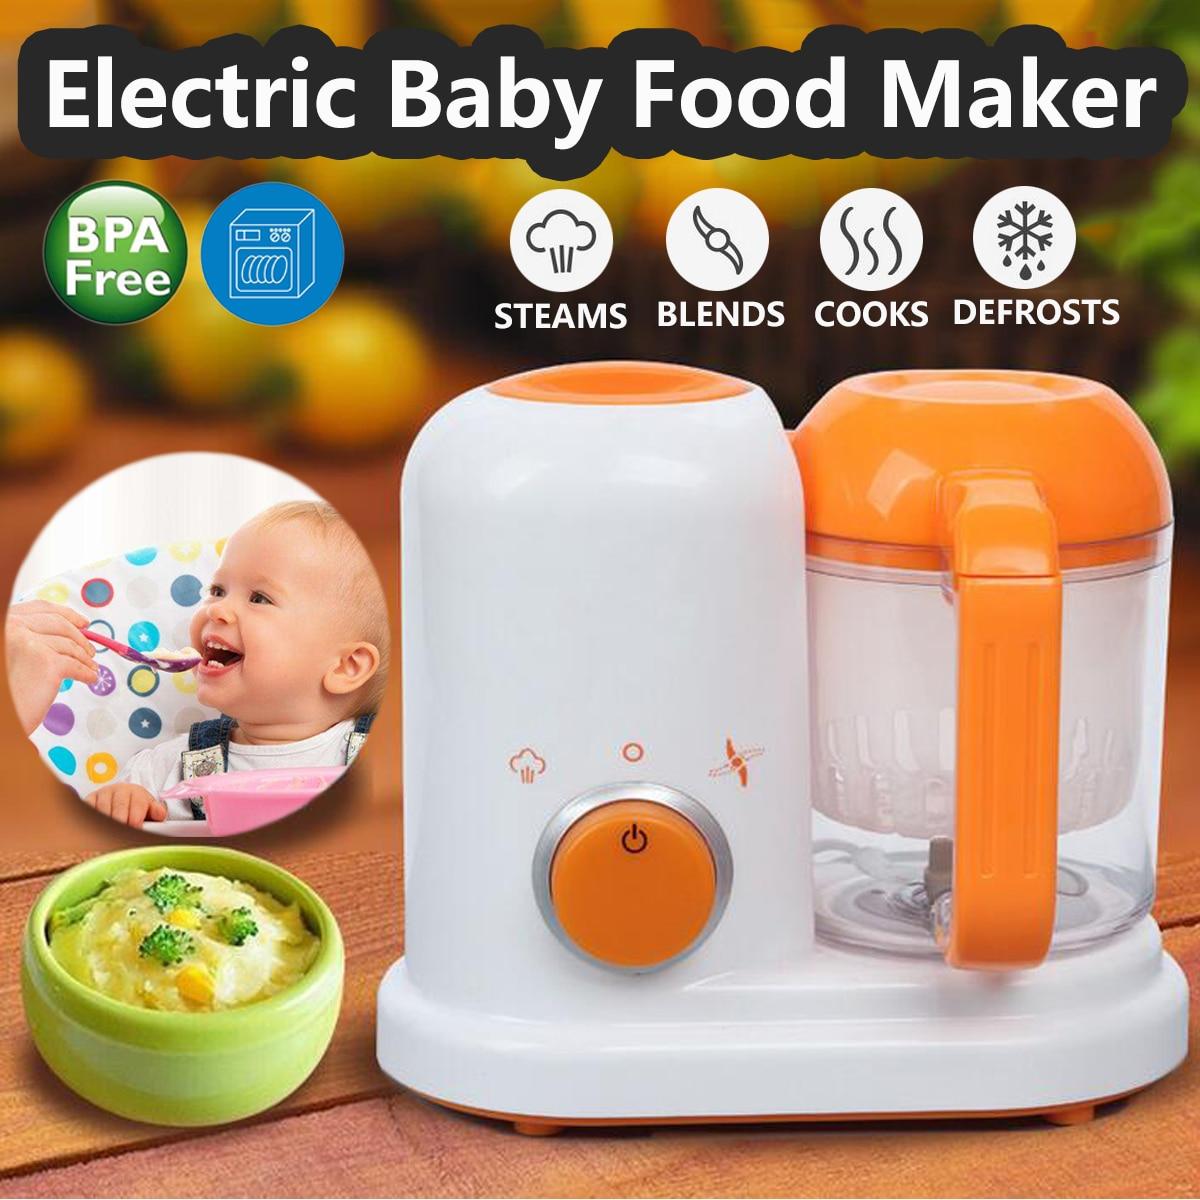 Warmtoo maluch miksery elektryczne dla dzieci robot kuchenny do gotowania na parze procesor żywność bez bisfenolu a doskonalić, PP ue AC 200 250V pary żywności bezpieczne w Blendery od AGD na  Grupa 1